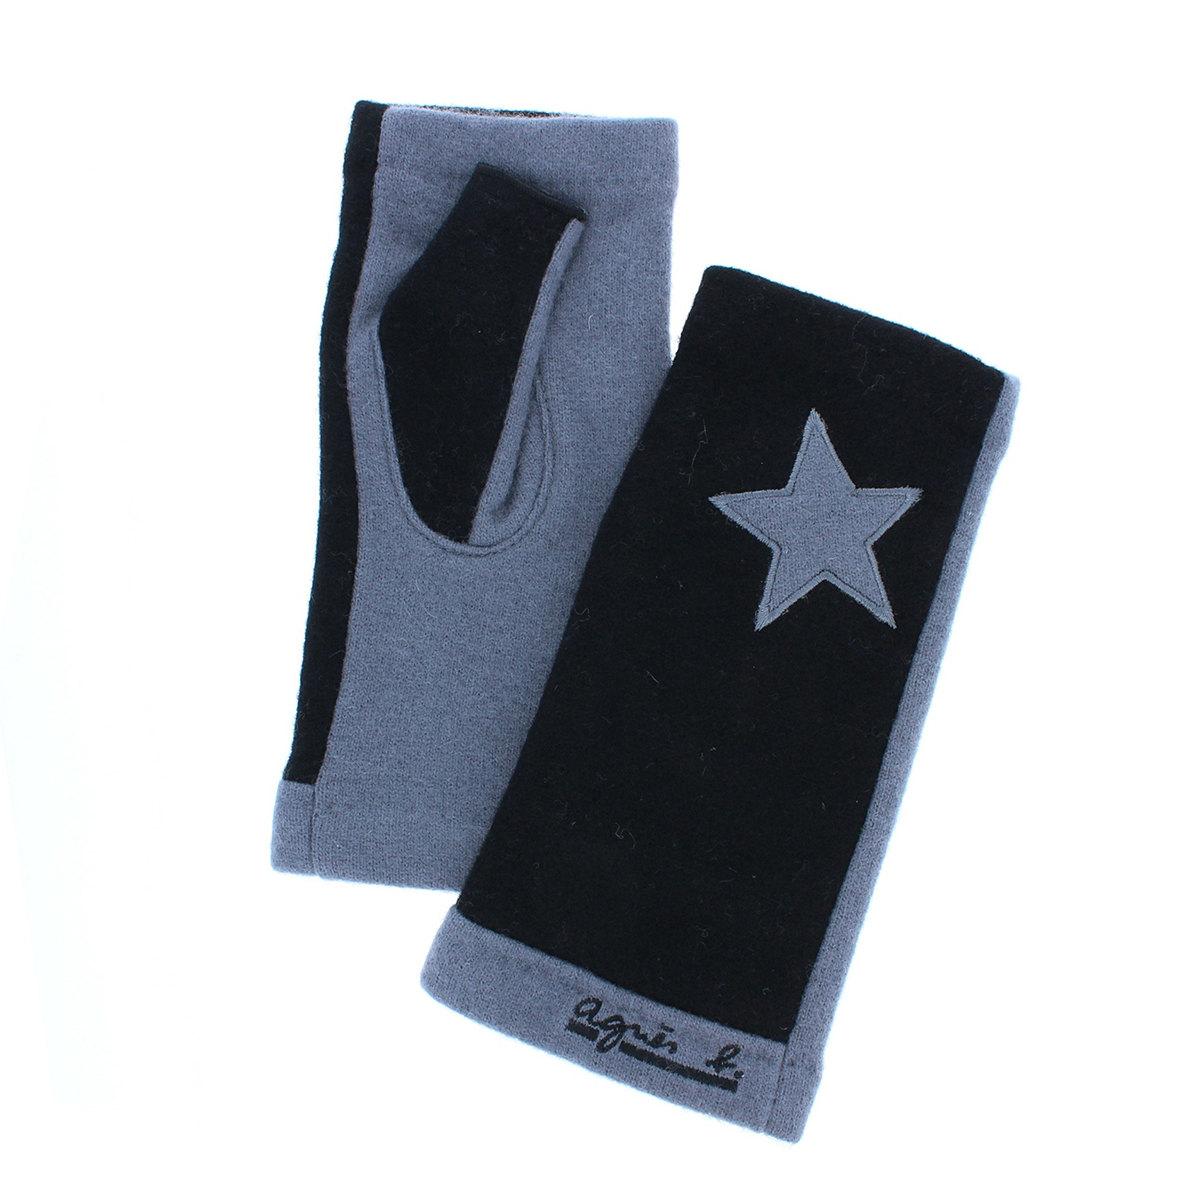 アニエスベー agnes b. レディース ウール混 ジャージ手袋 人気ブランド スマホ タッチパネル対応 指なし モノトーン フリーサイズ プレセントに最適